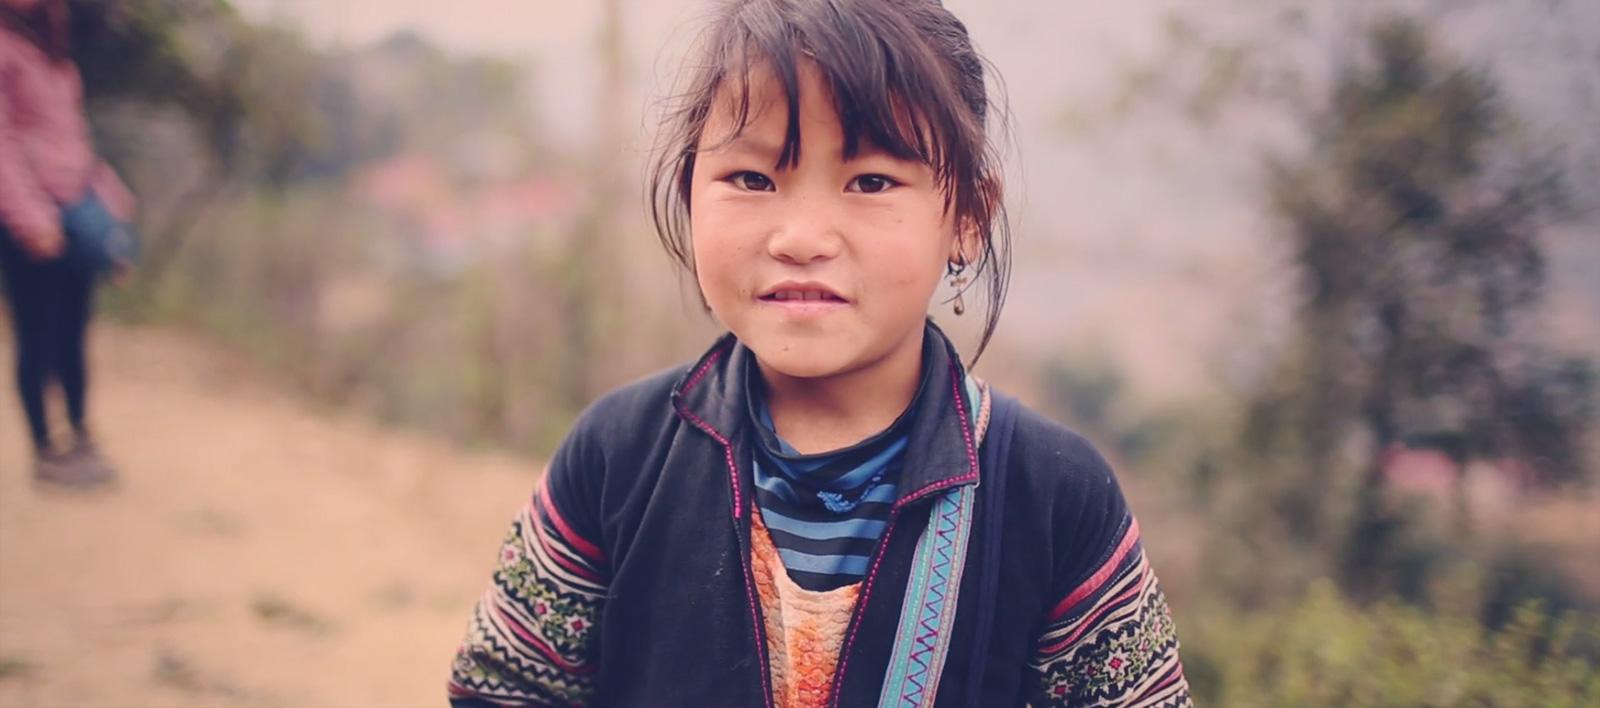 Somewhere_In_Vietnam-Menassier_gabriel-10.jpg